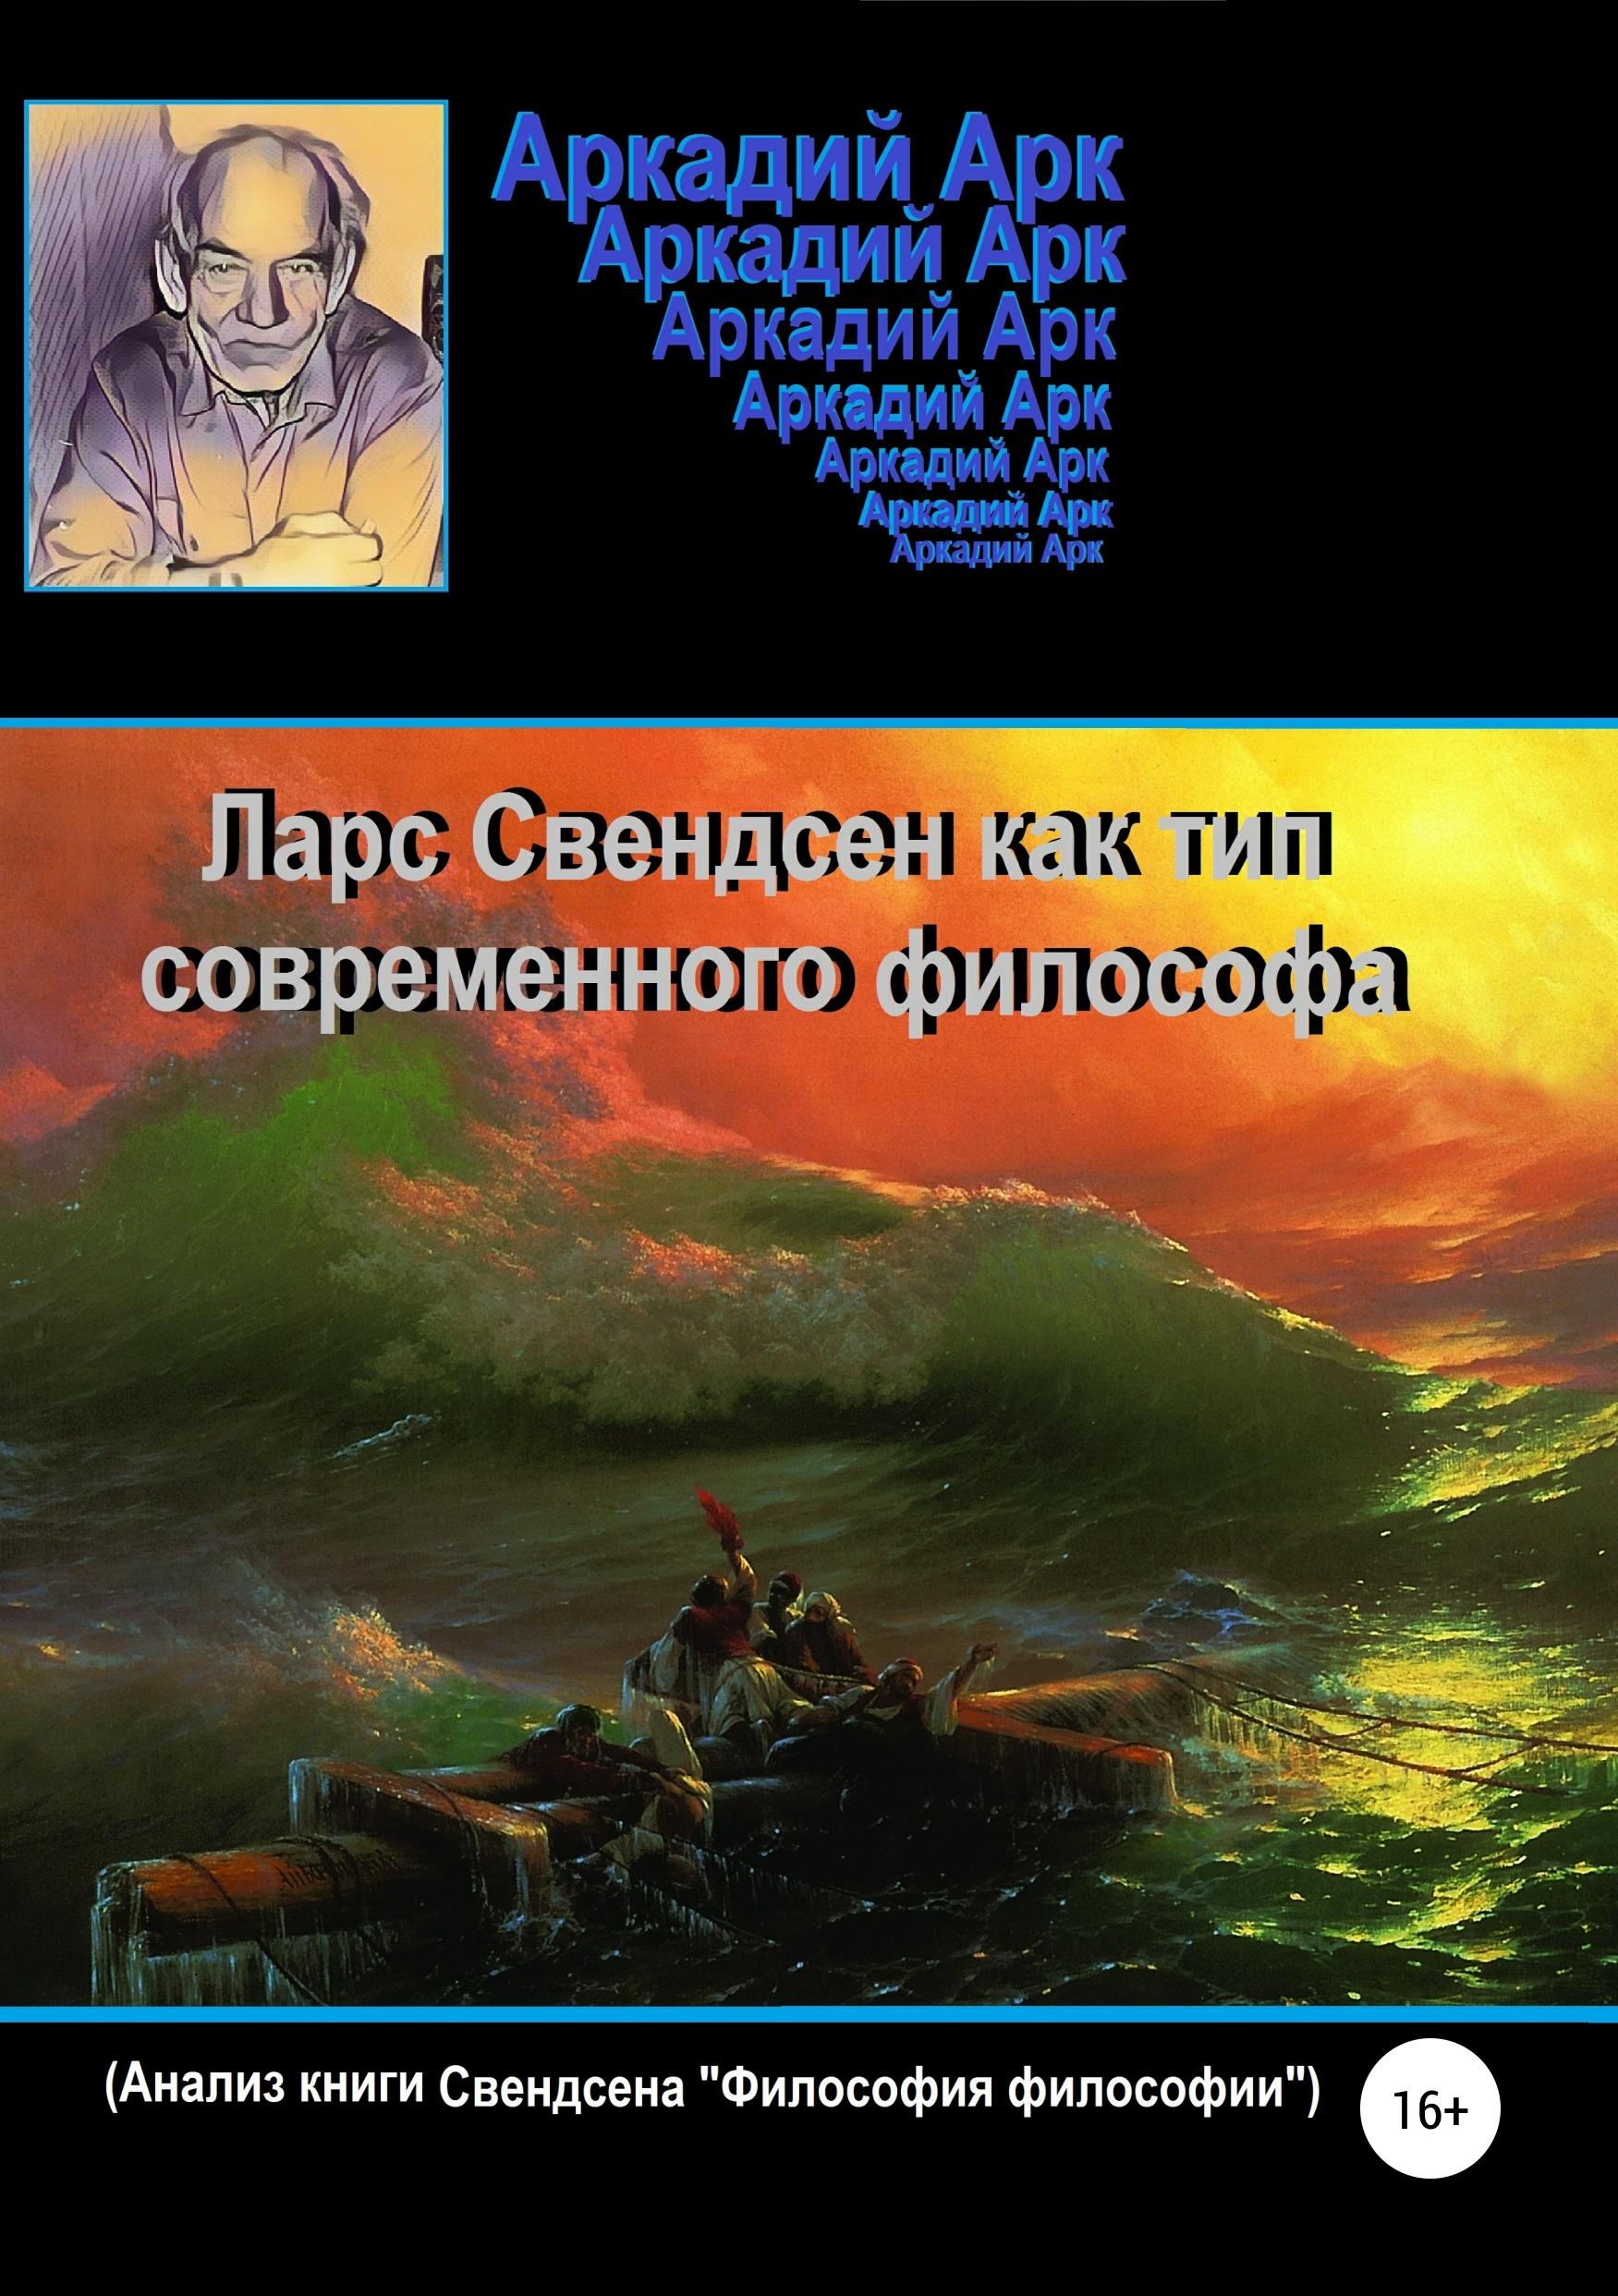 Аркадий Арк Ларс Свендсен как тип современного философа аркадий арк критика вузовской философии на примере учебника л балашова